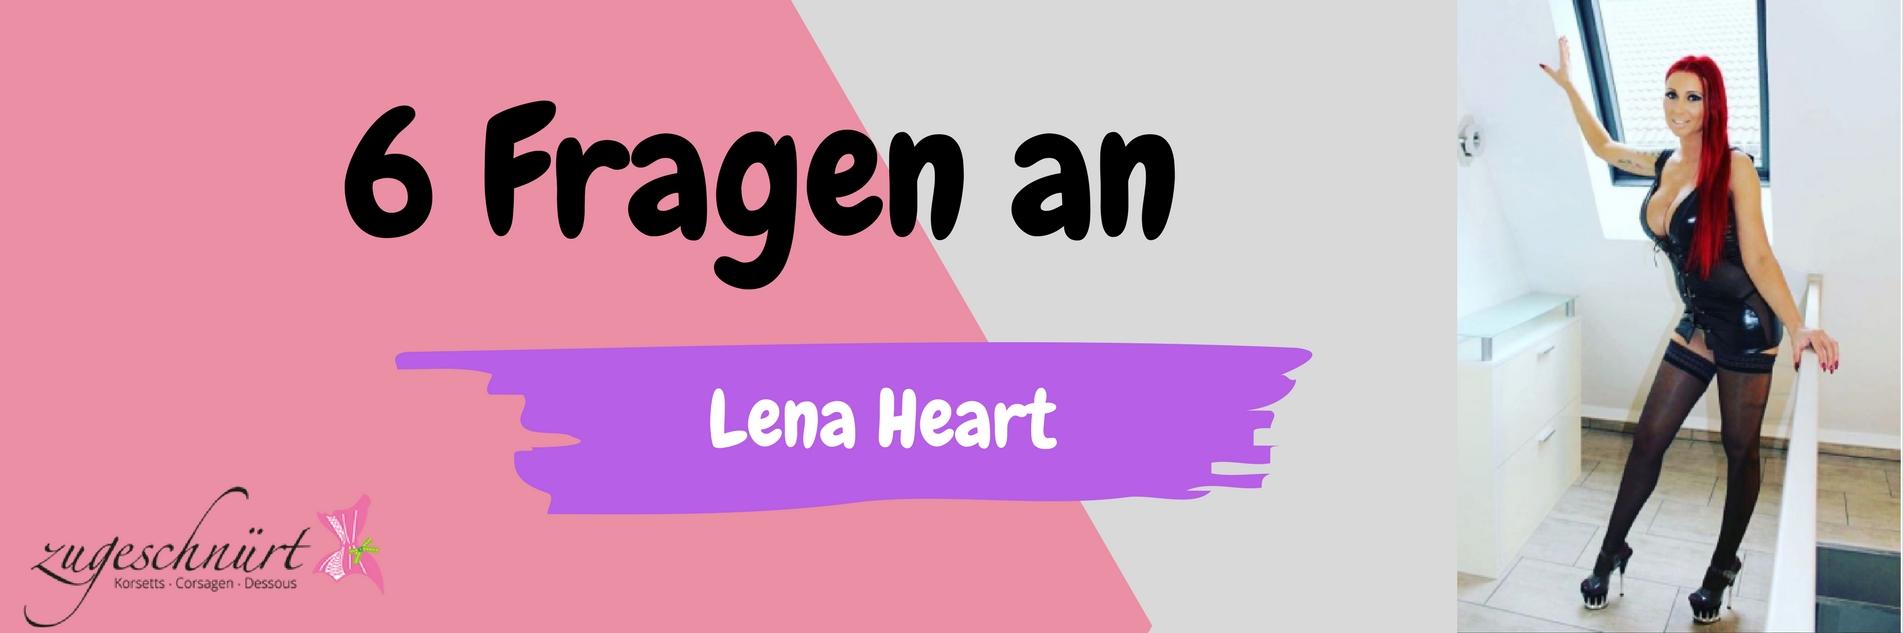 6 Fragen an Lena Heart